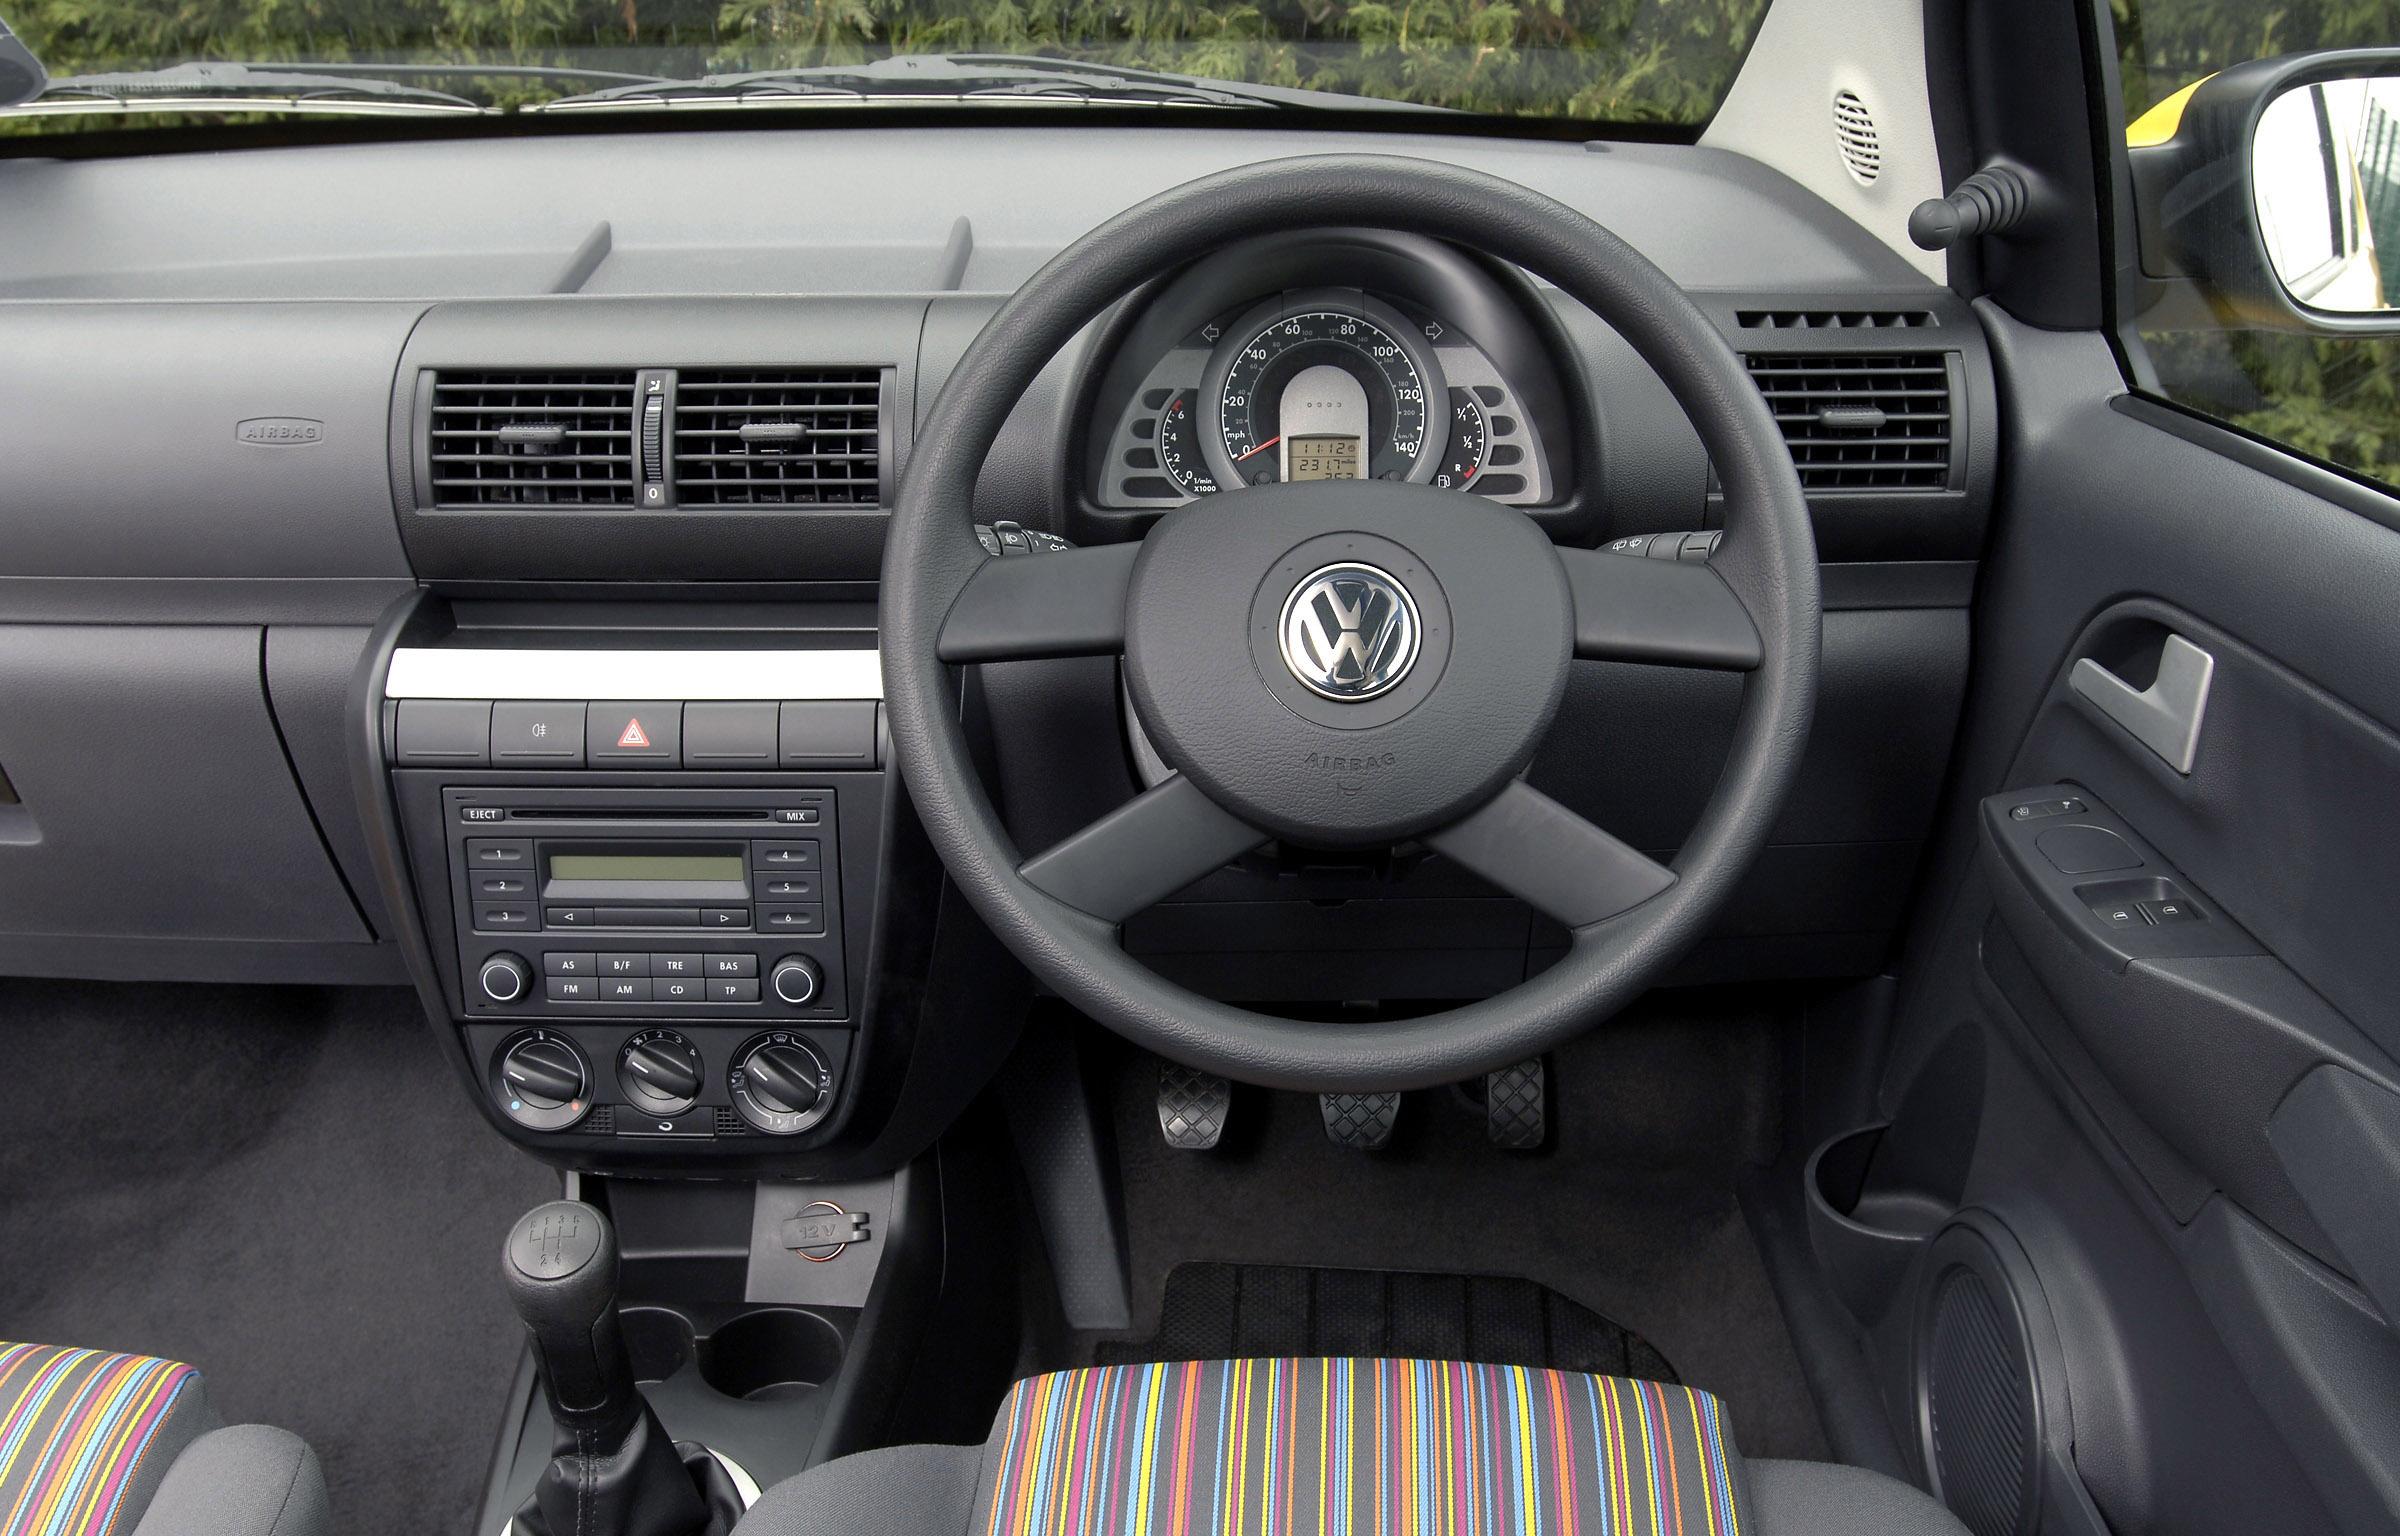 2007 Volkswagen Fox Picture 72061